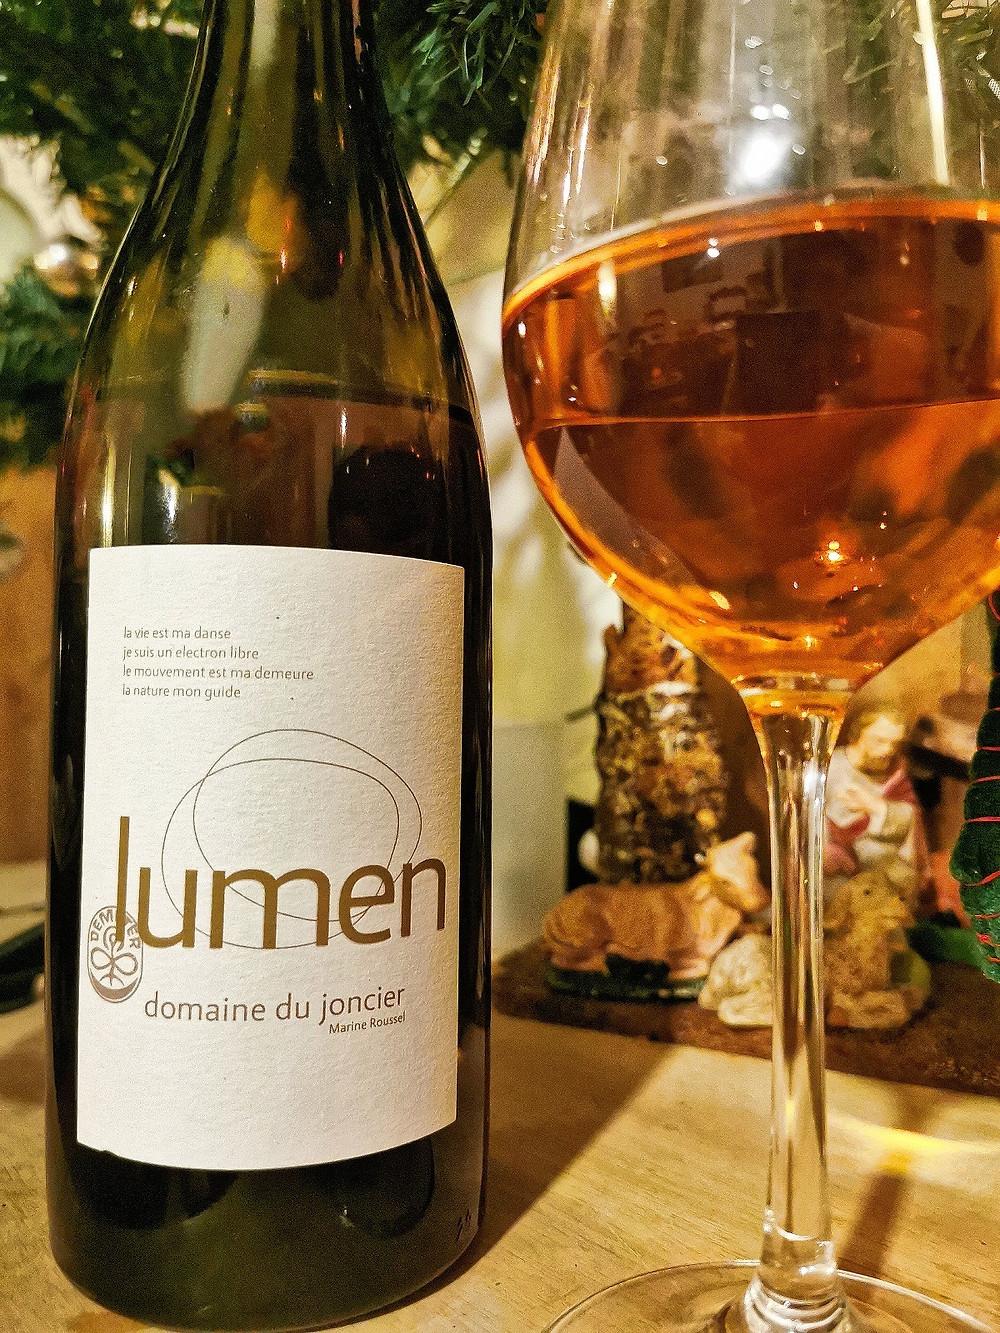 On y voit une bouteille de vin blanc qui se nomme Lumen. Un verre rempli. la couleur du vin est orange. dans le fond, un sapin et une crèche